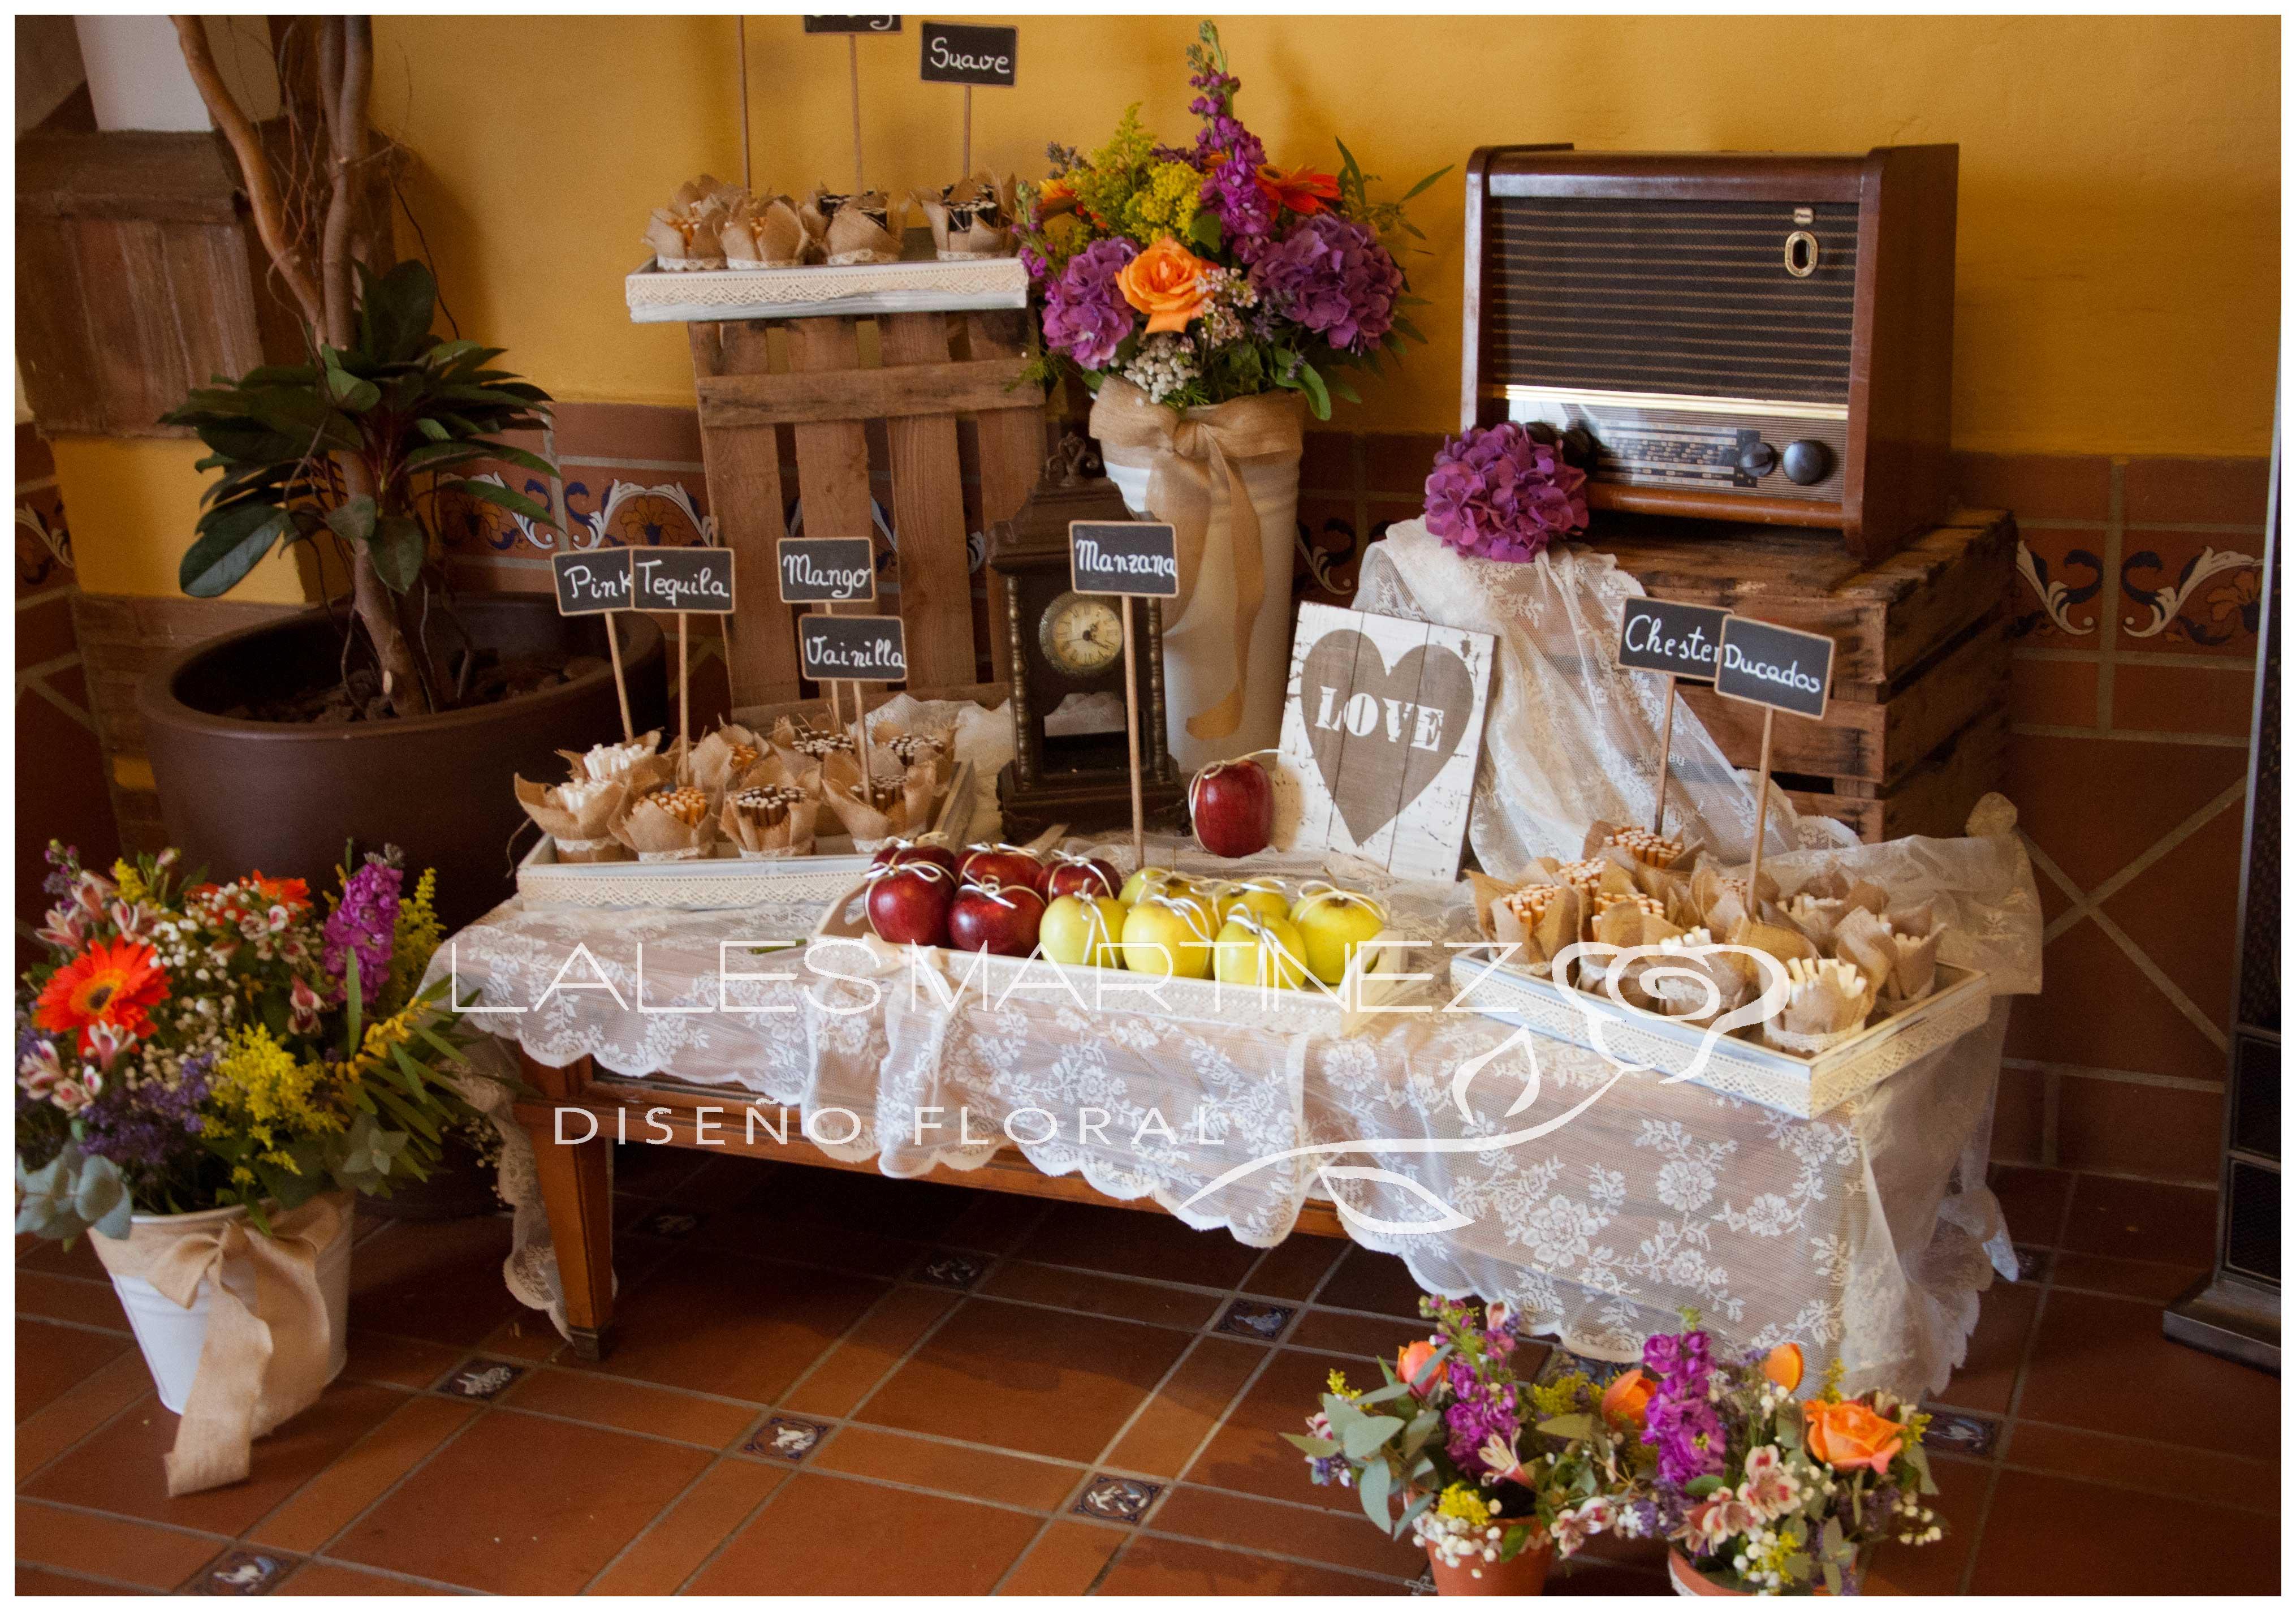 Lales martinez vintage y r stica terraza carmona vera - Detalles de decoracion ...